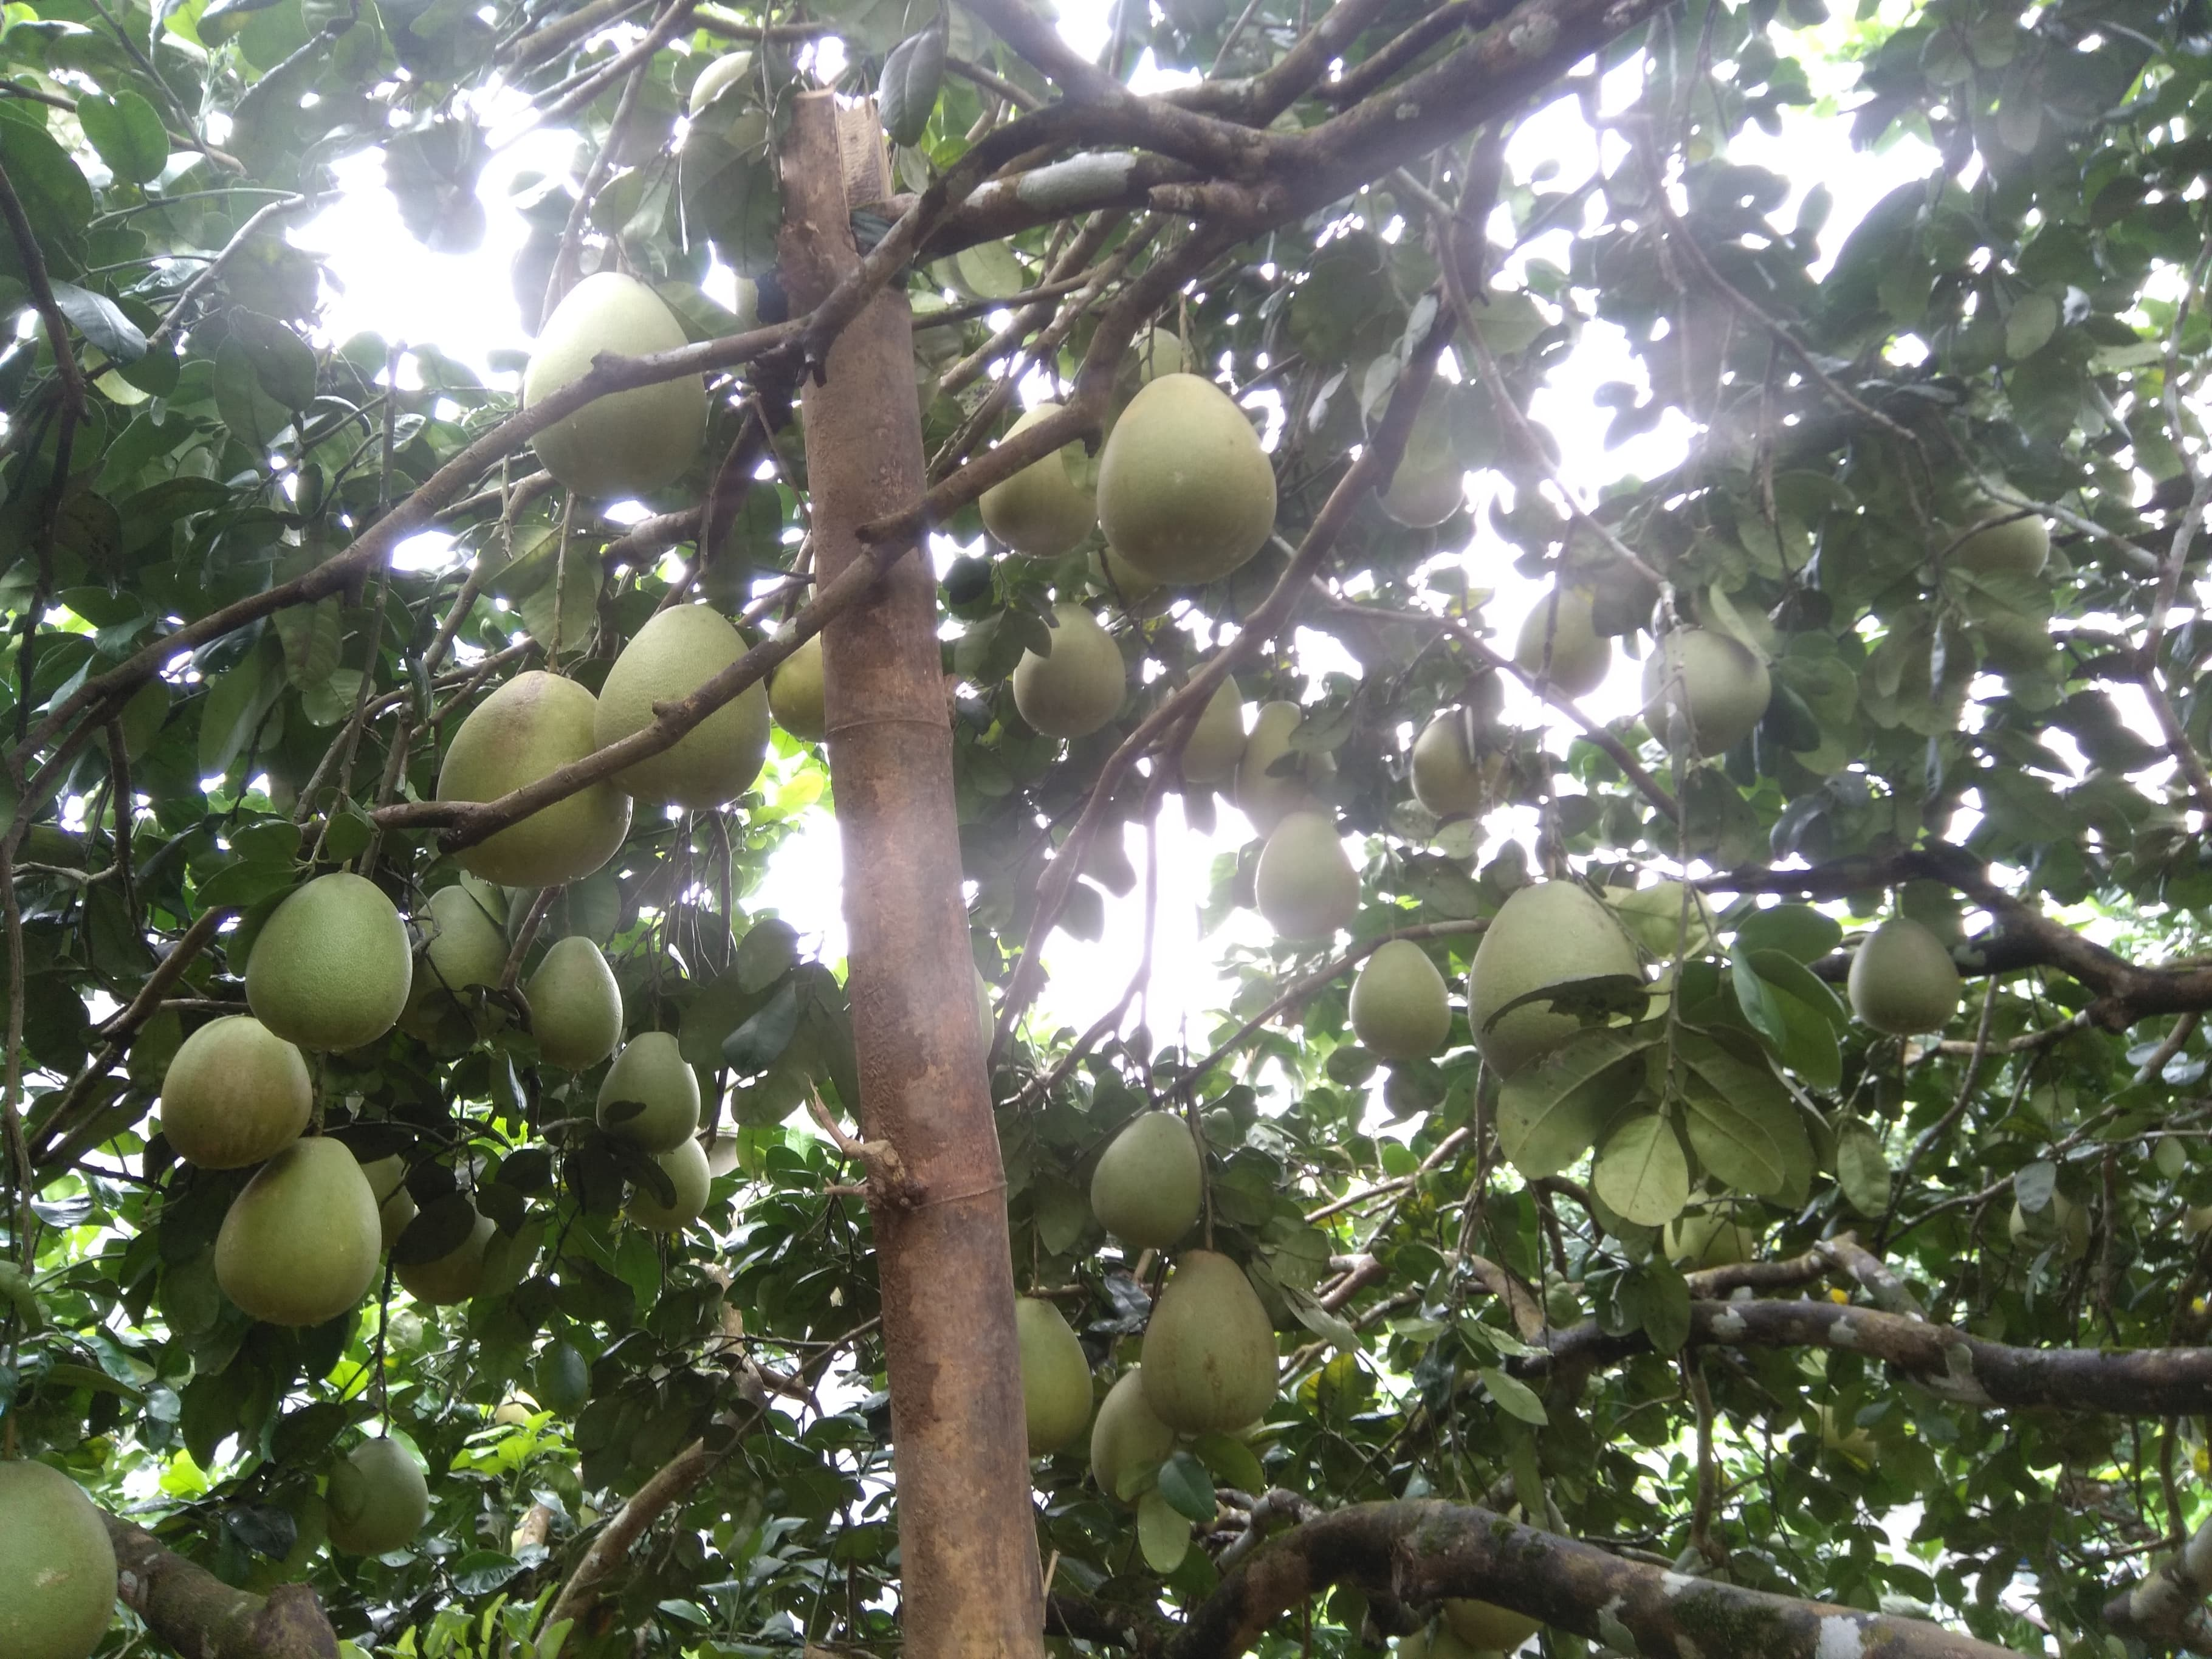 Bưởi da xanh ruột tím là giống bưởi đặc sản của Hòa Ninh, là loại cây ăn quả có giá trị kinh tế cao.